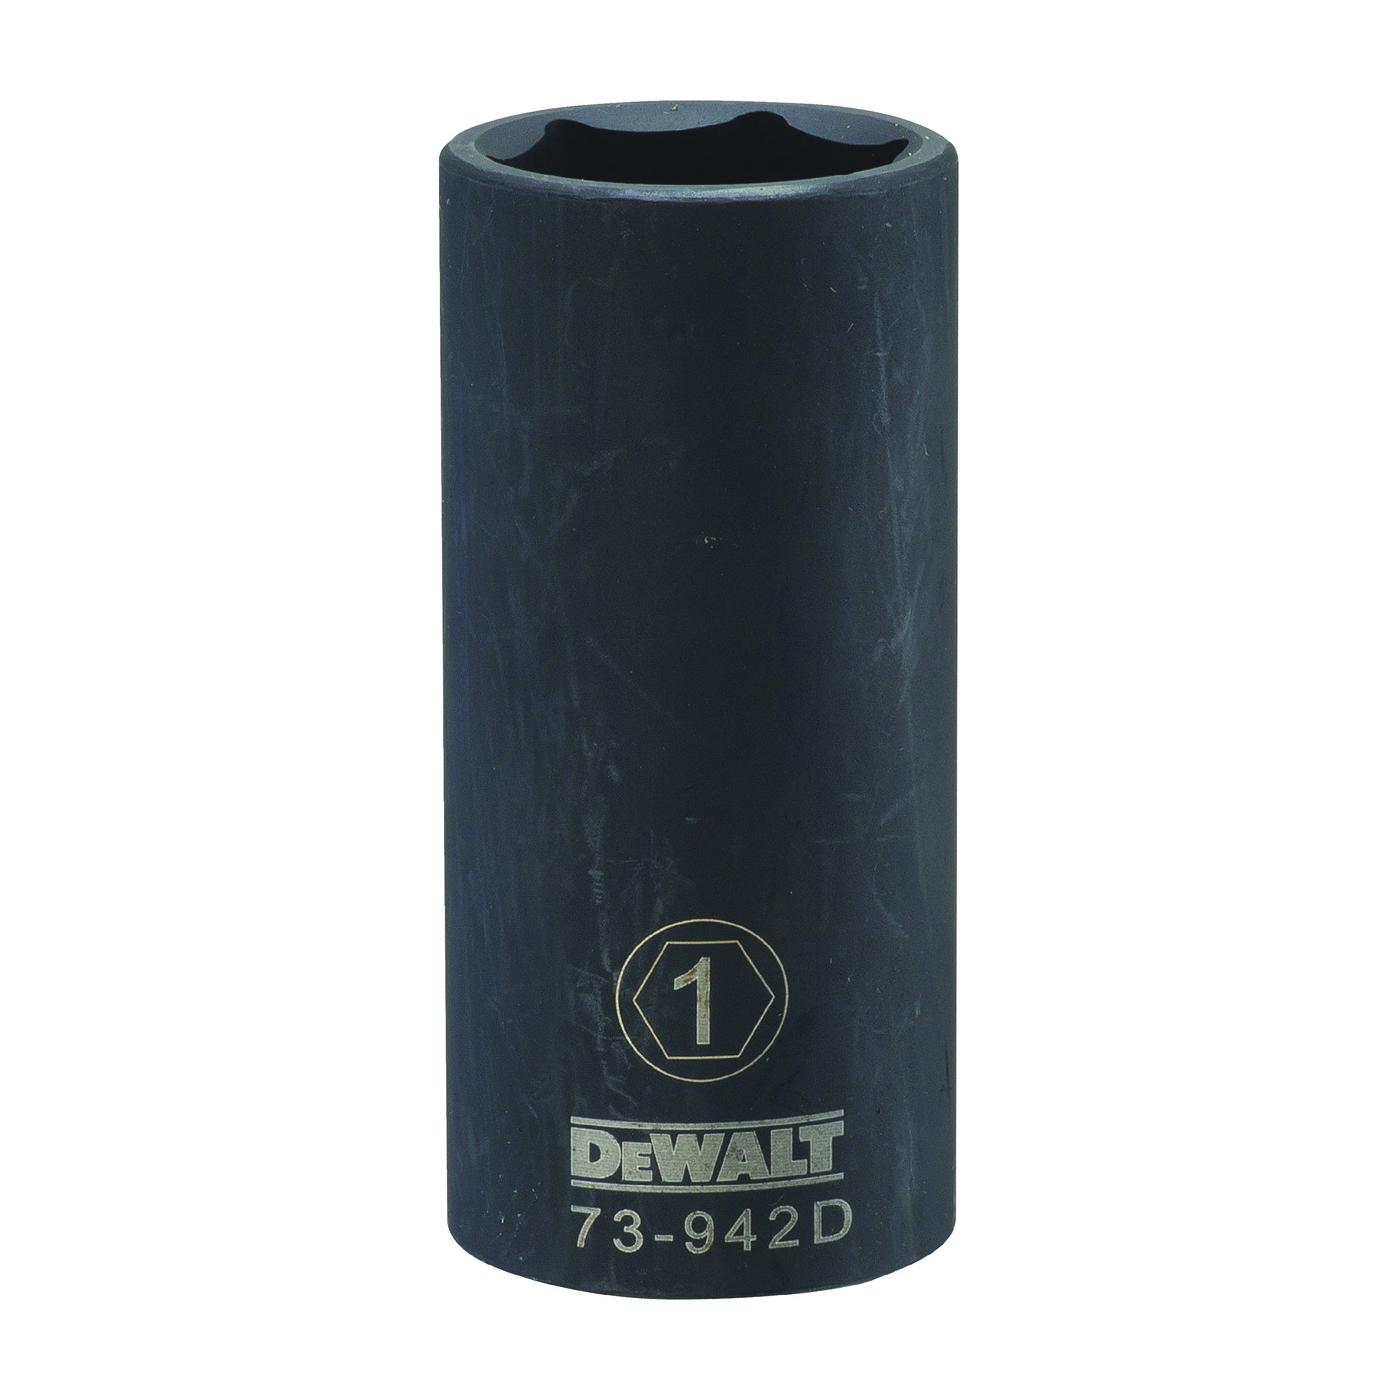 Picture of DeWALT DWMT73942OSP Impact Socket, 1 in Socket, 1/2 in Drive, 6 -Point, CR-440 Steel, Black Oxide